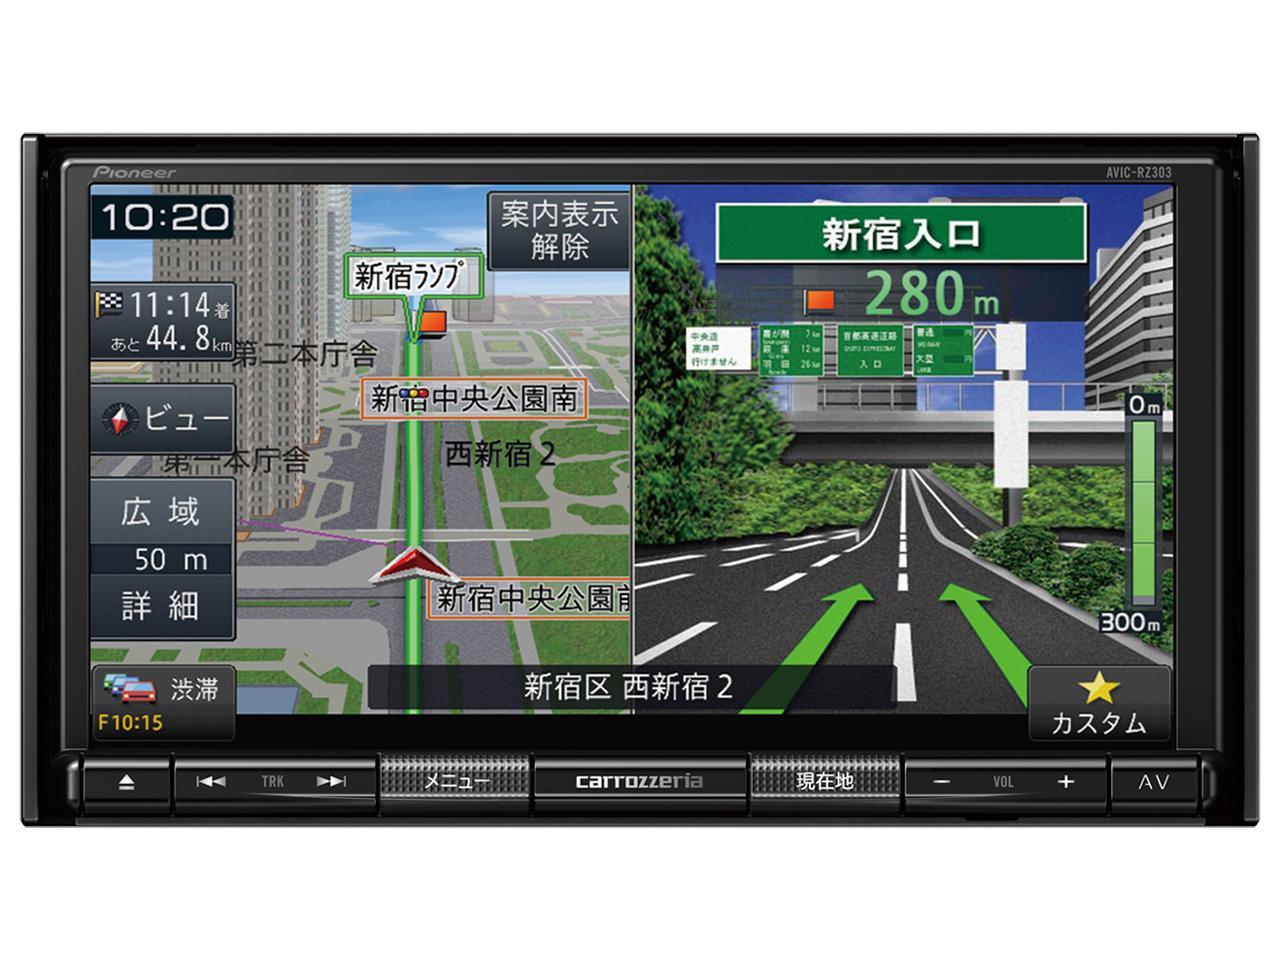 楽ナビ AVIC-RZ303II